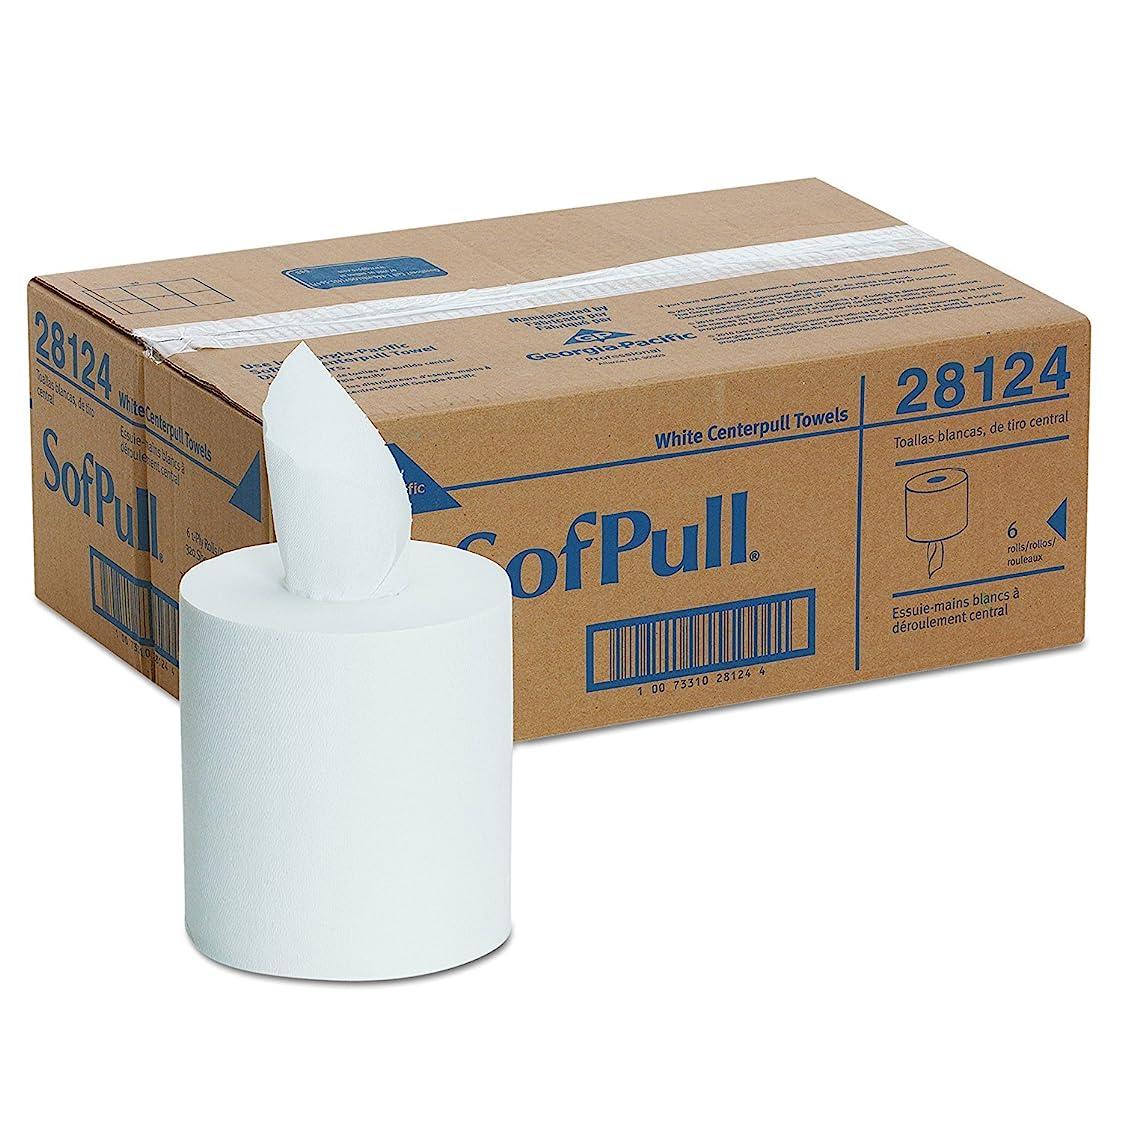 パンツ植物学者悲しむSofPull Centerpull Regular容量紙タオルby GP Pro、ホワイト、28124、320?Sheets Per Roll、6ロール1ケース(1ケース)